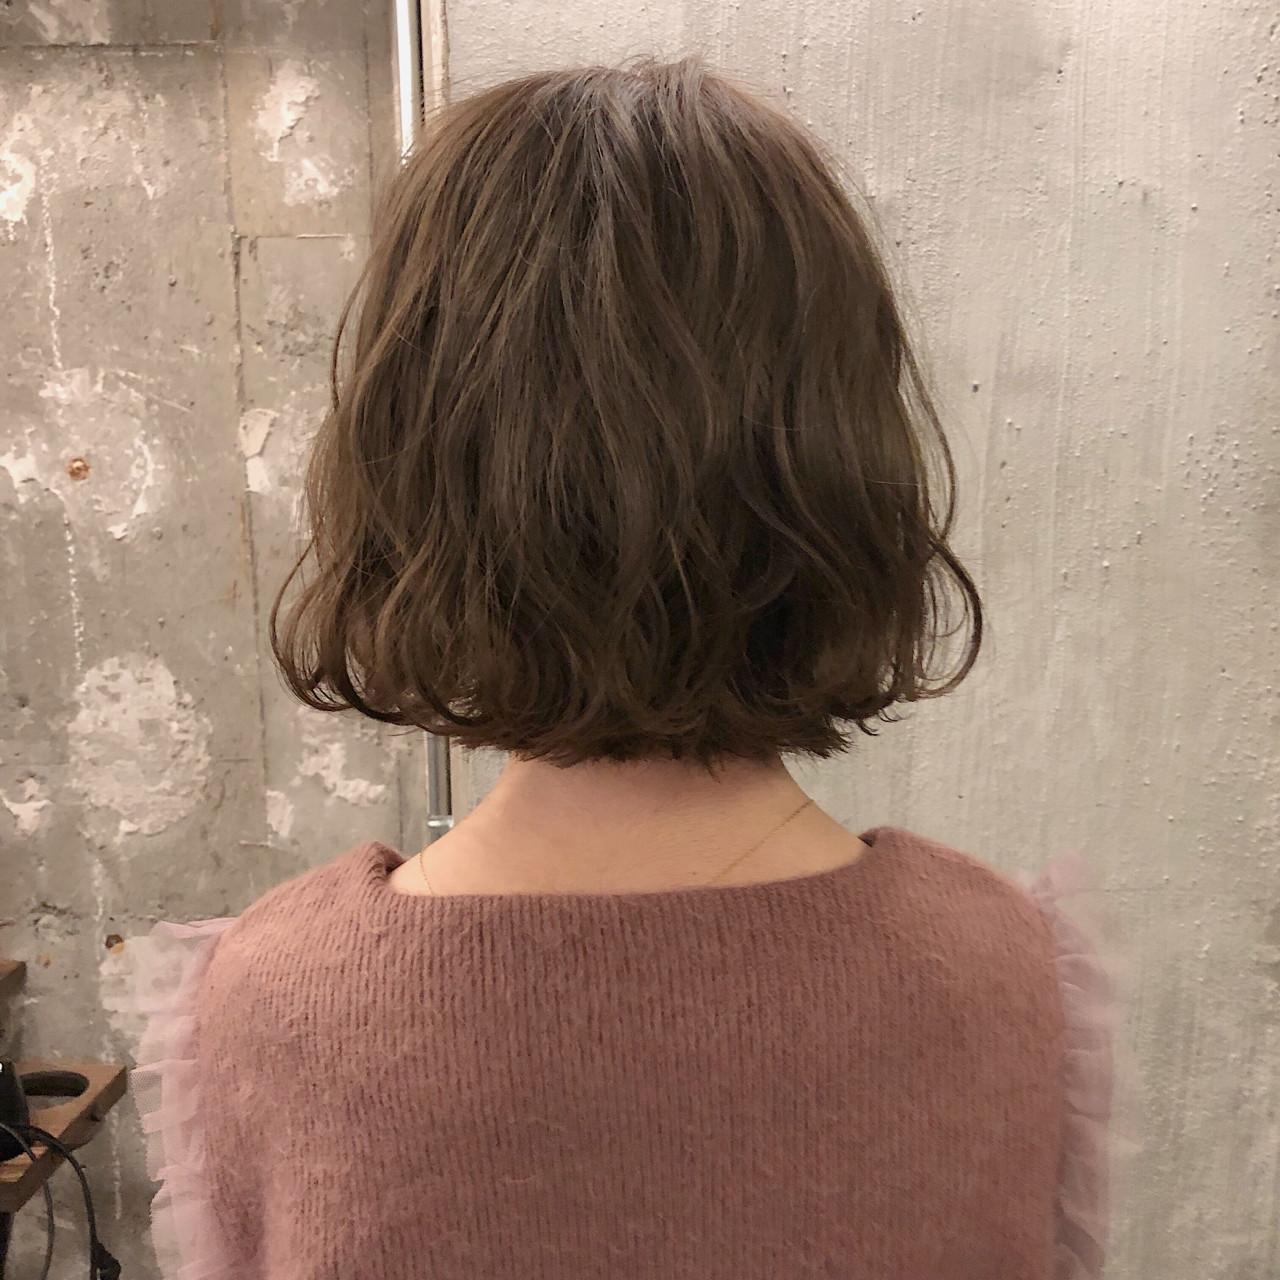 ナチュラル 結婚式 ボブ オフィス ヘアスタイルや髪型の写真・画像 | 冨永 真太郎 / 人トナリ